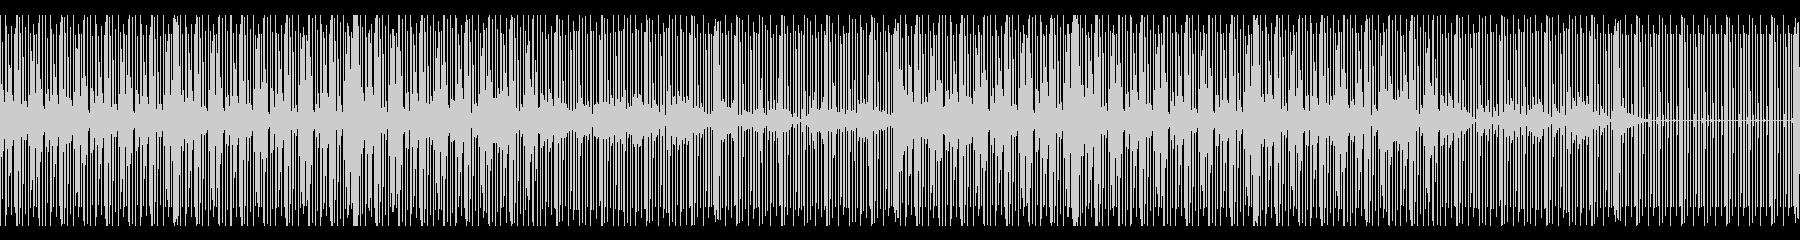 Vlog!おしゃれキラキラpopの未再生の波形